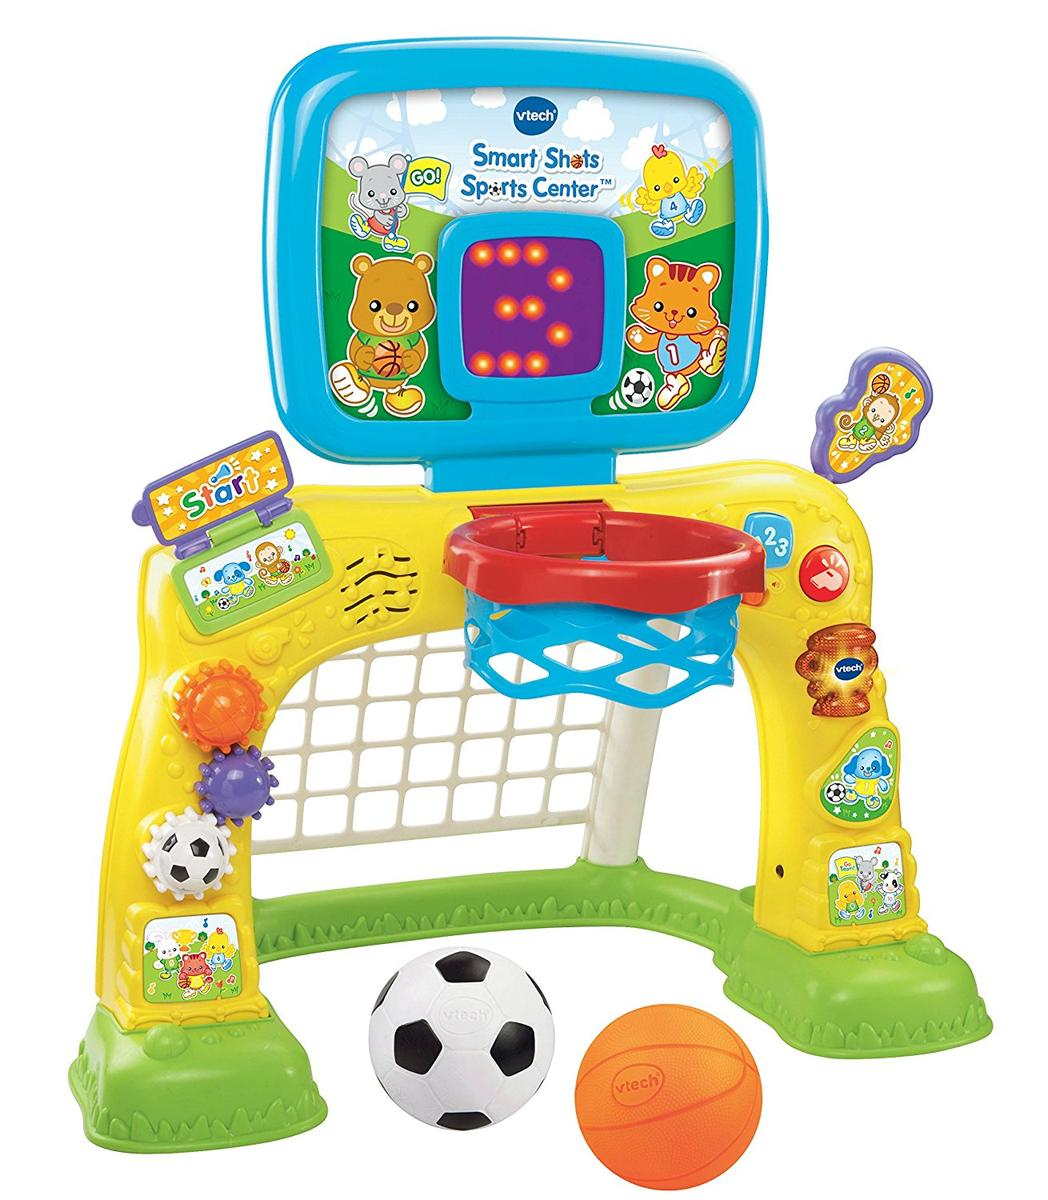 赤ちゃん 幼児 知育玩具 スポーツ サッカー バスケ 海外 英語 おもちゃ Vtech